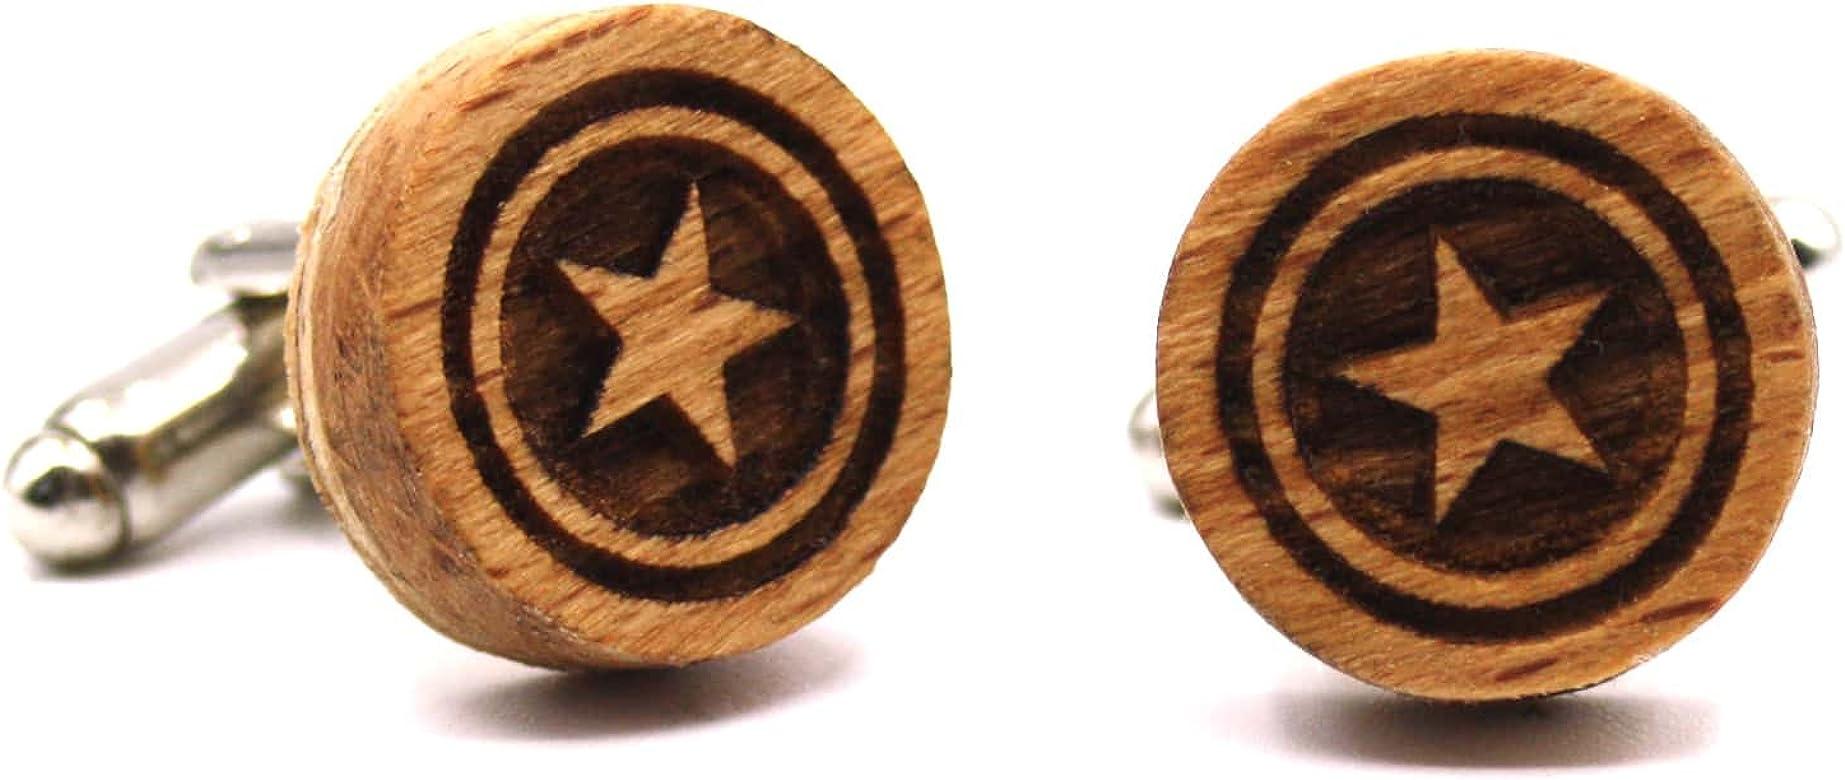 Gemelos de madera Magic Star. Colección de moda hombre: Gemelos originales de haya para camisa, hechos a mano en España. Línea boda y eventos. Diseño con grabado de estrella. Regalo elegante: Amazon.es: